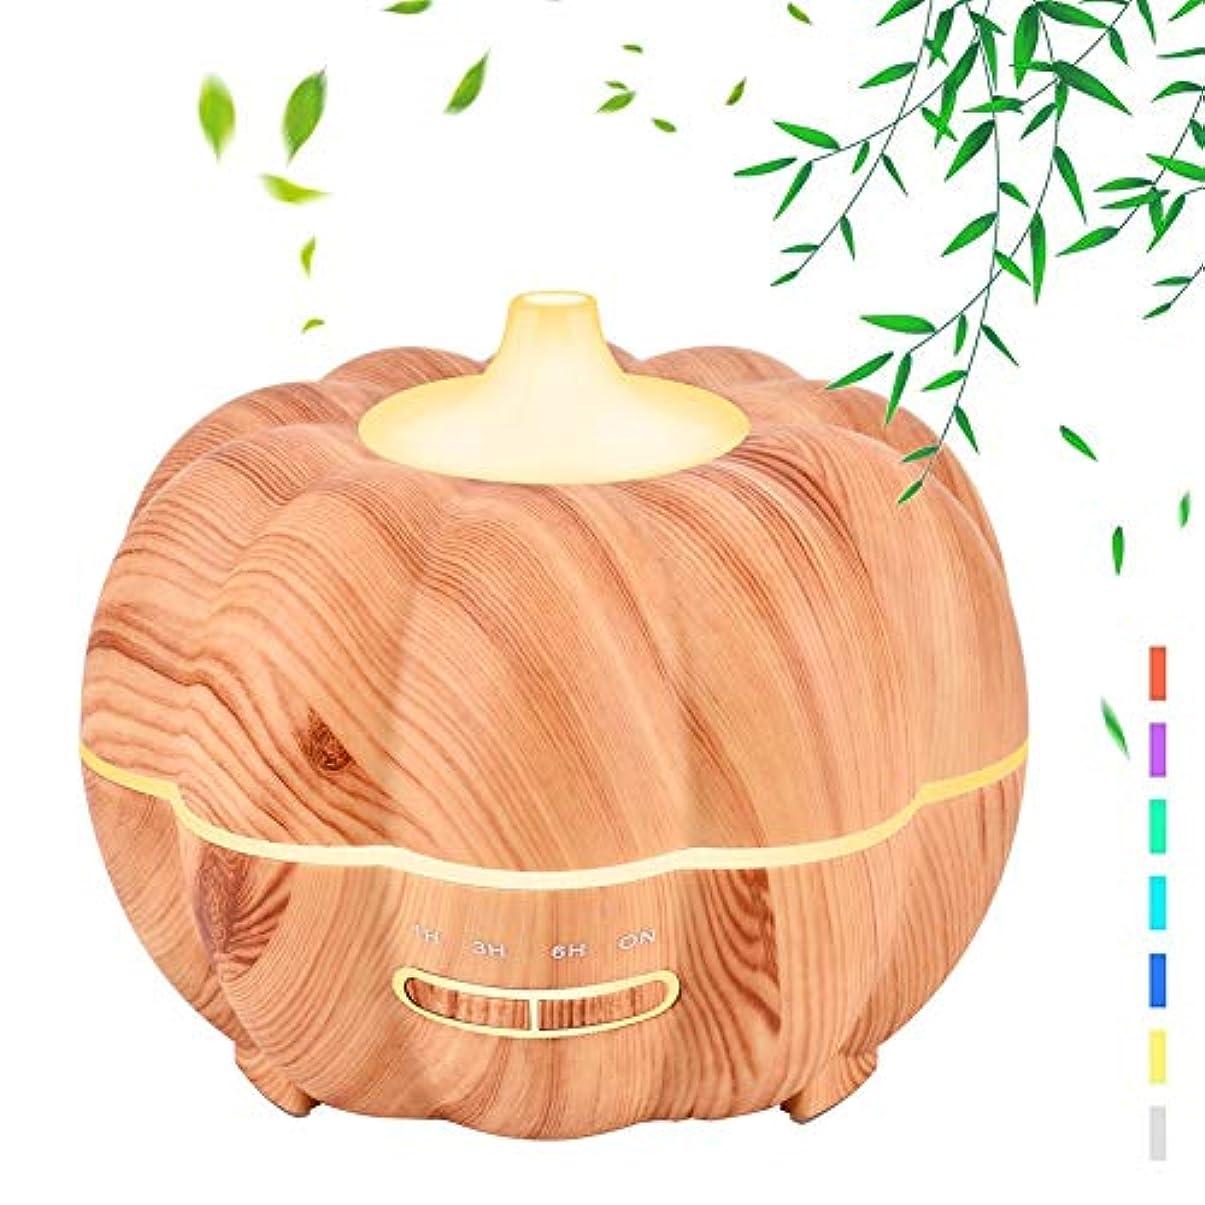 300ミリリットル木材穀物エッセンシャルオイルディフューザー、加湿器超音波アロマセラピーアロマセラピーディフューザー加湿器、静かな操作、7色フレグランスランプ、ホームオフィス用ヨガスパ,Lightwoodgrain